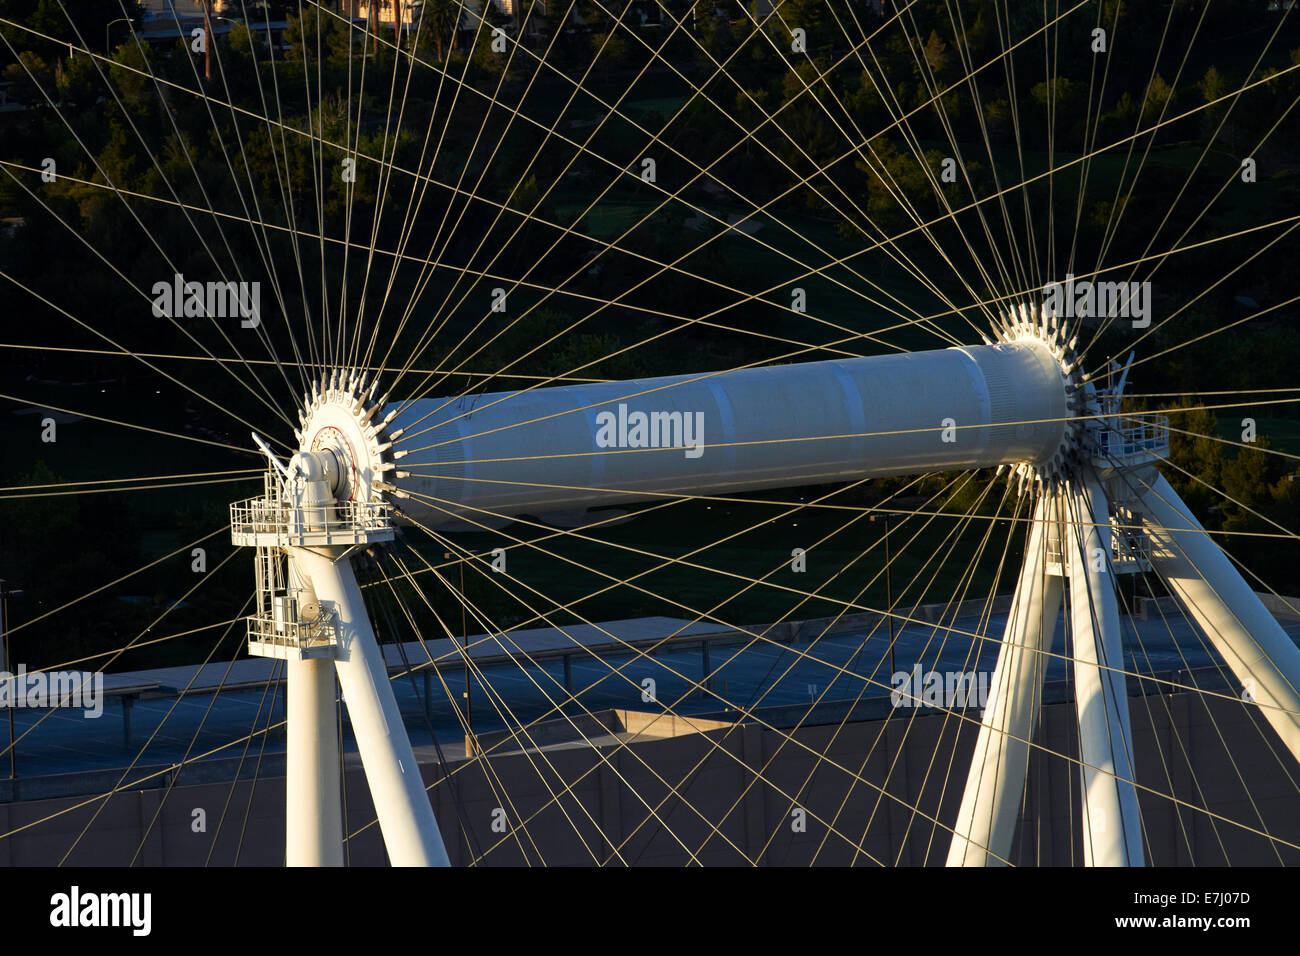 Hub de High Roller noria gigante (520 pies / 158,5 m de diámetro), Las Vegas, Nevada, EE.UU. Foto de stock